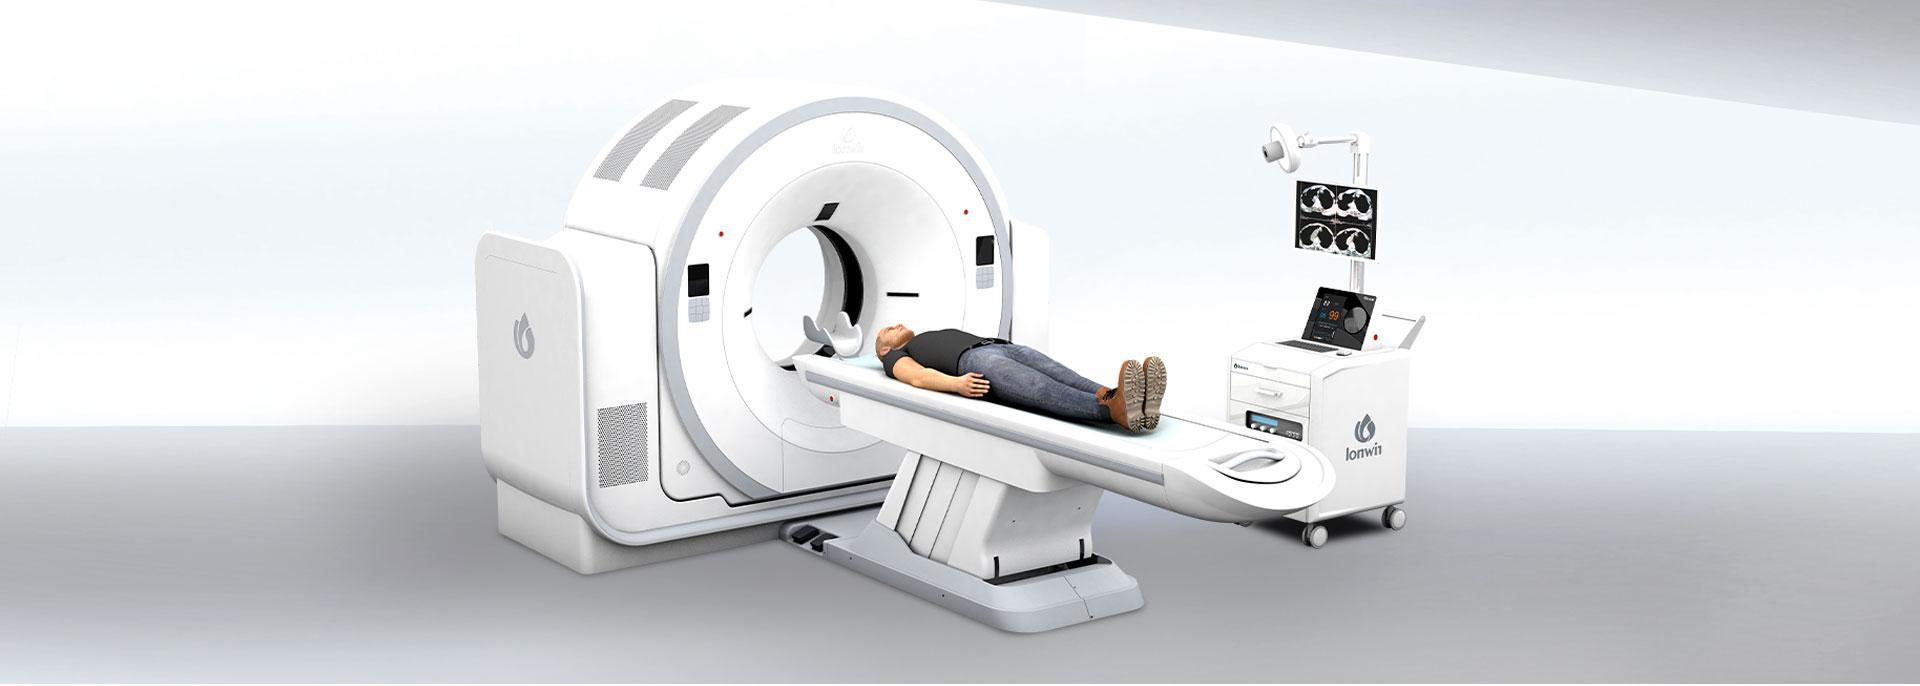 (影像介入)CT介入手术移动工作站_03.jpg